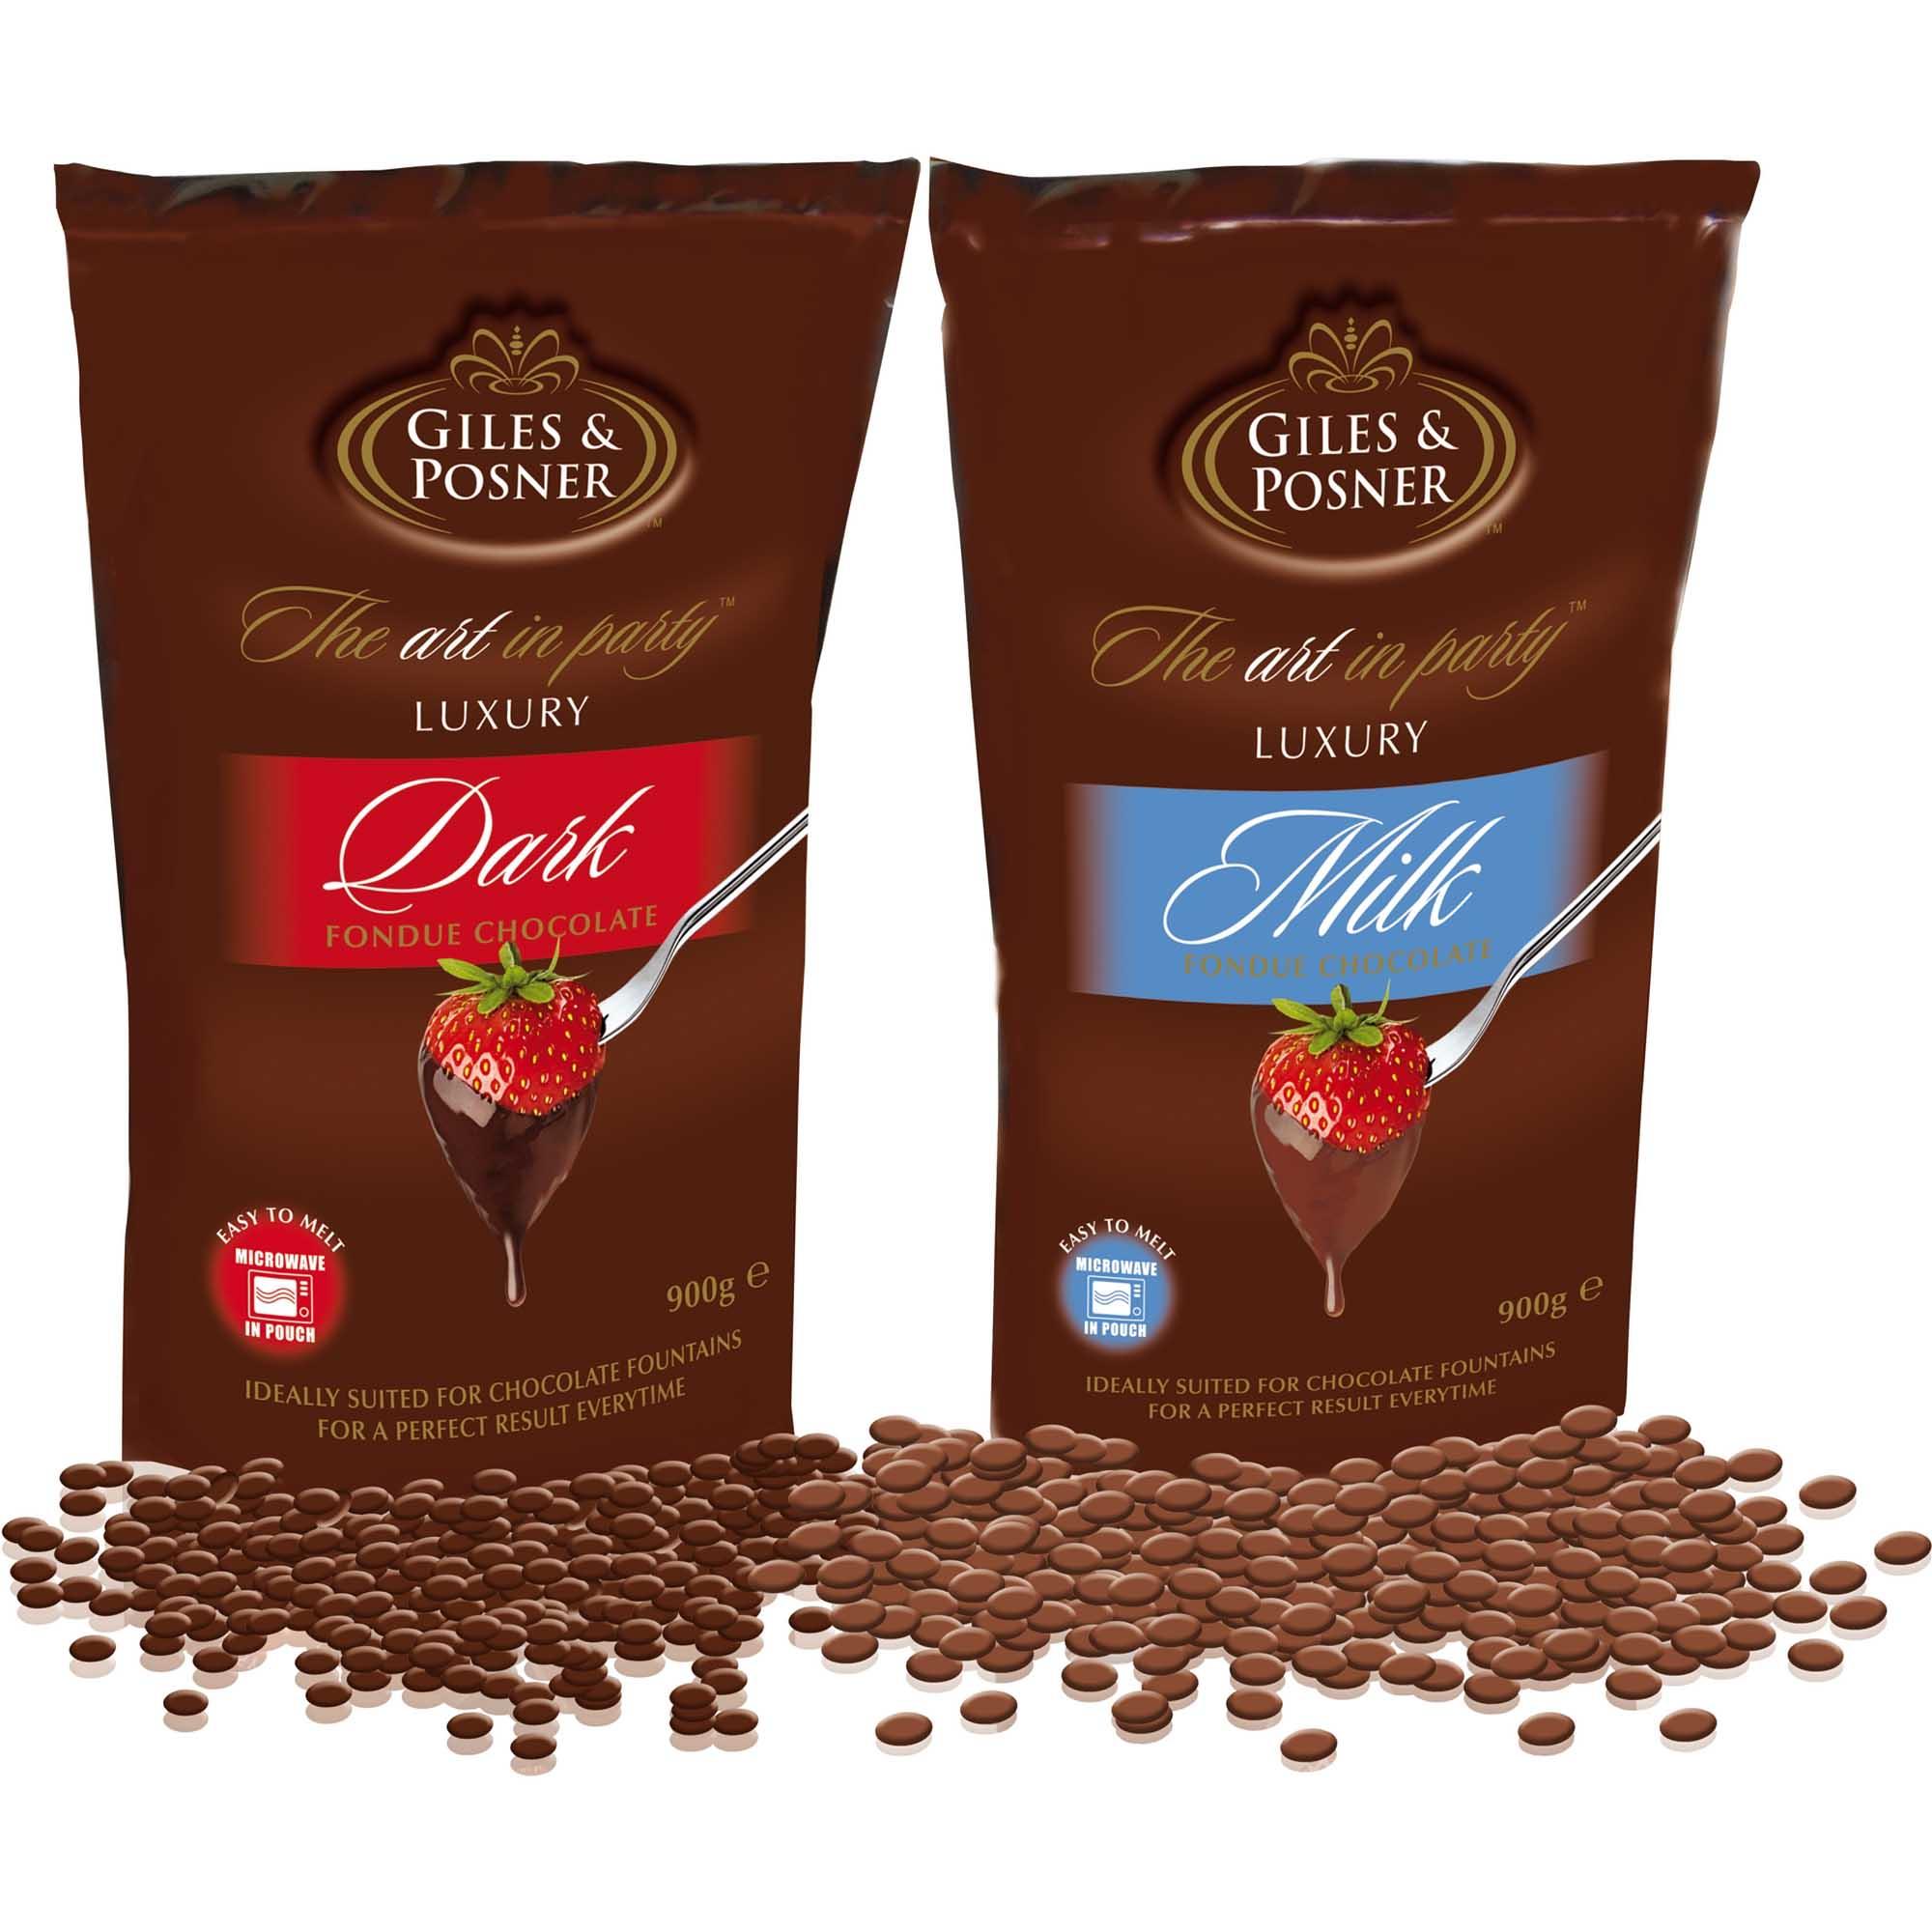 Schokolade Für Schokobrunnen Vollmilch Zartbitter 1800g